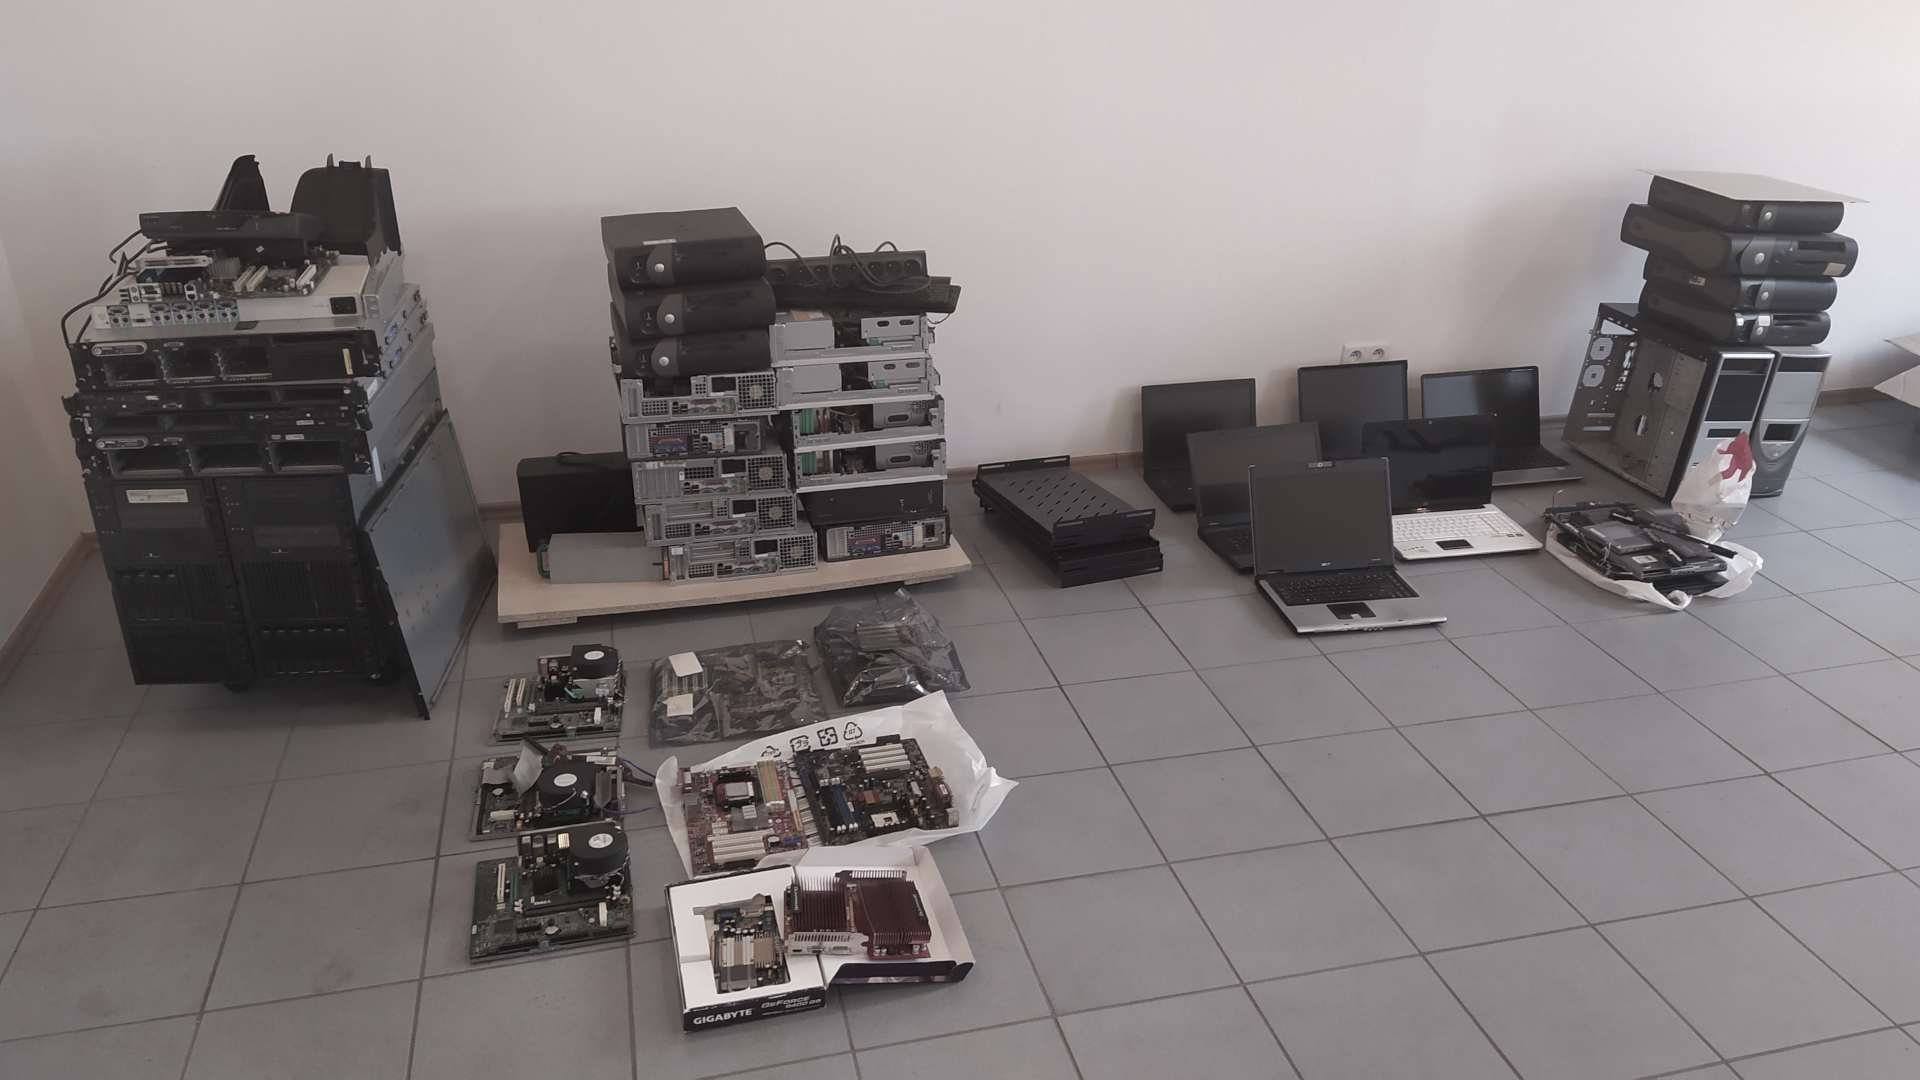 Dużo sprzętu komputerowego - komputery, płyty